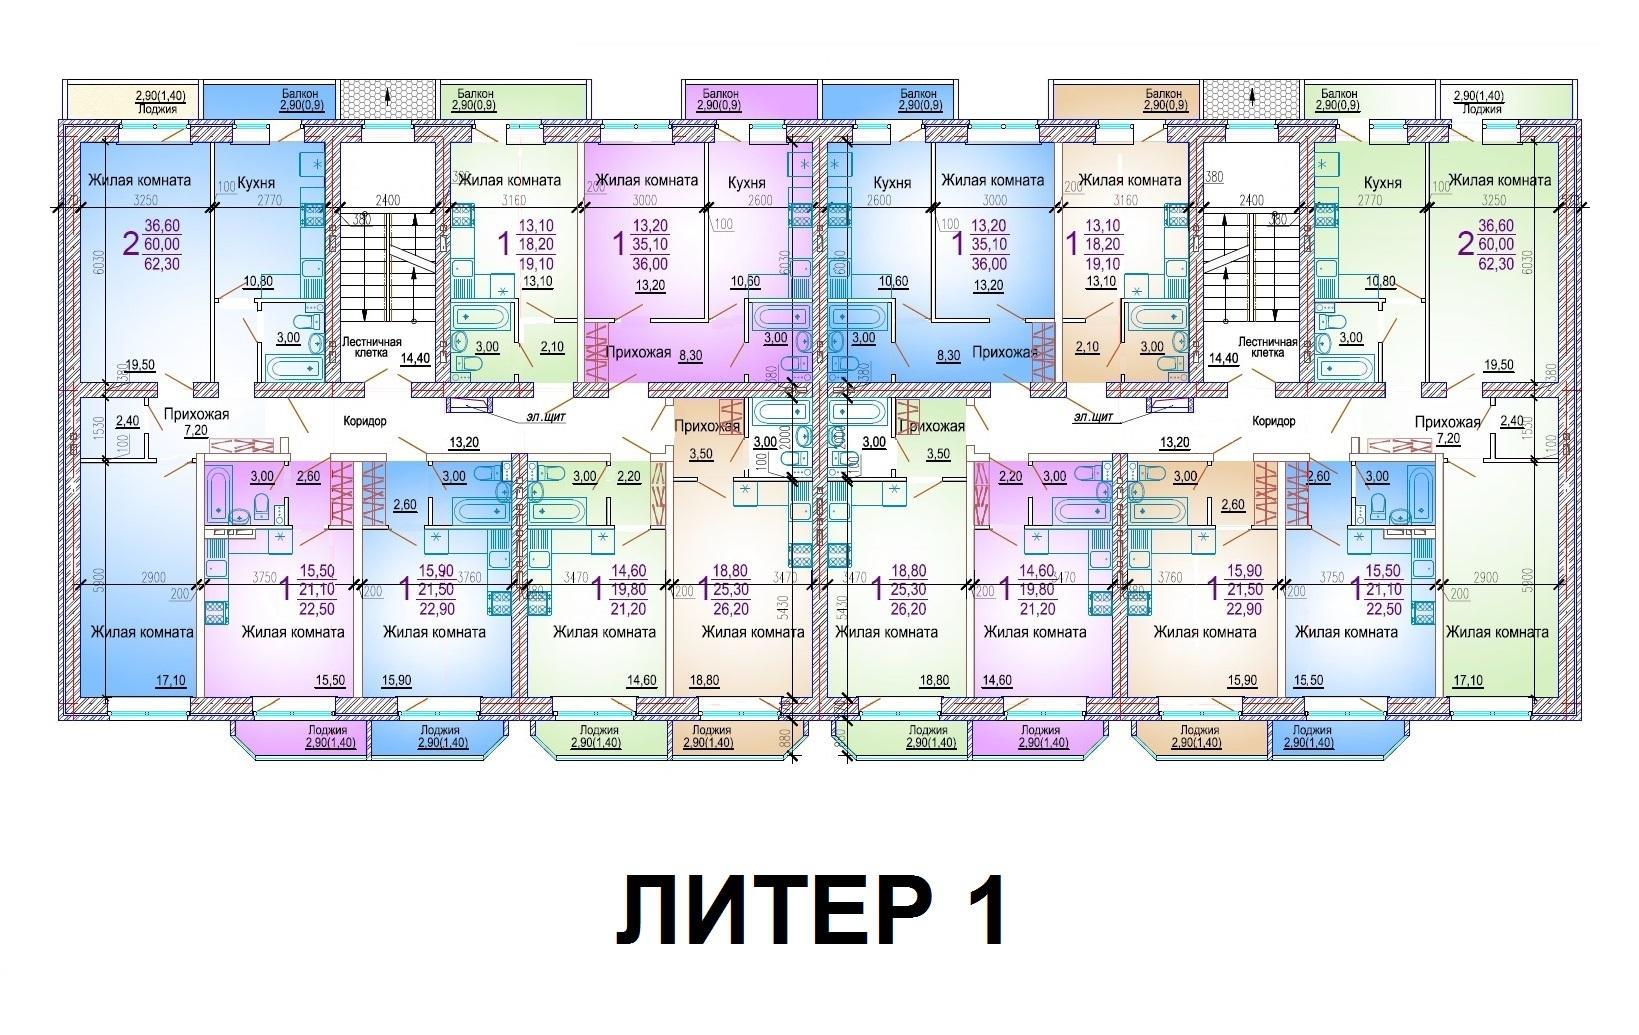 Планировки ЖК Добрый, лит. 1-2 Краснодар | план - 1